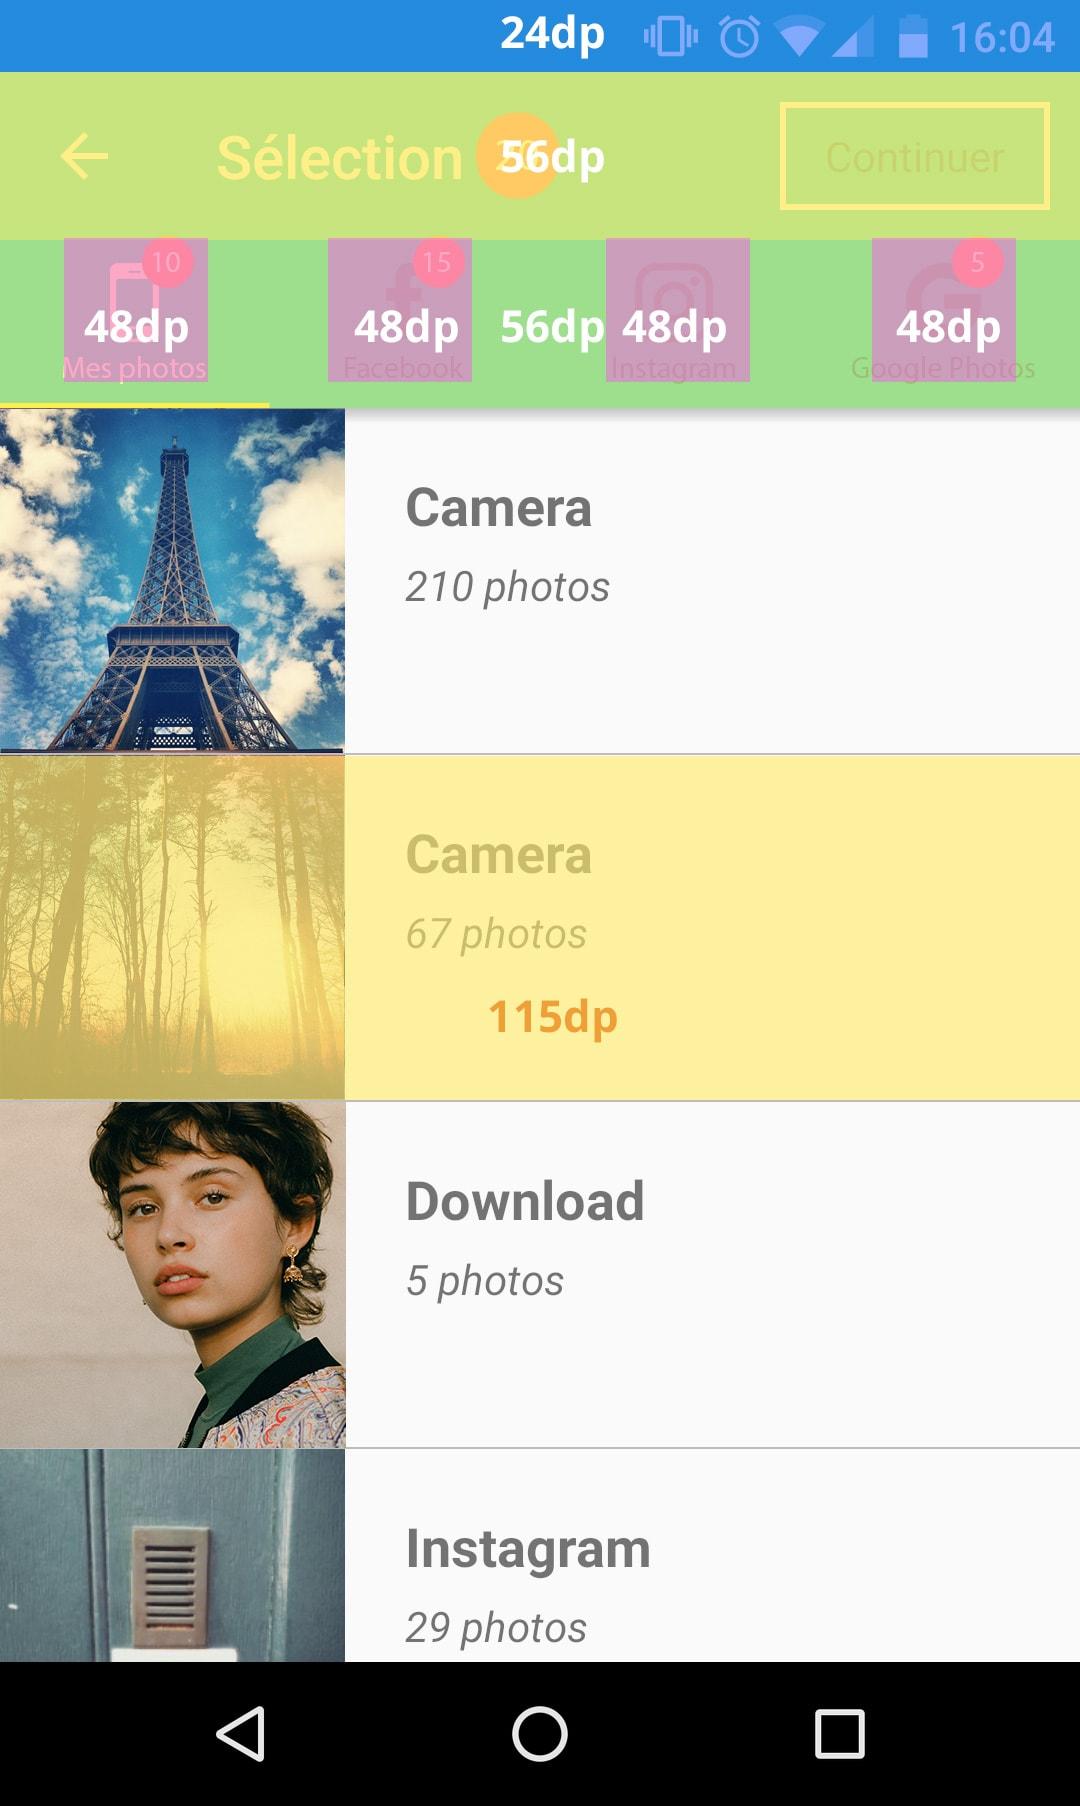 maquette application mobile avec choix de formats + Metrics